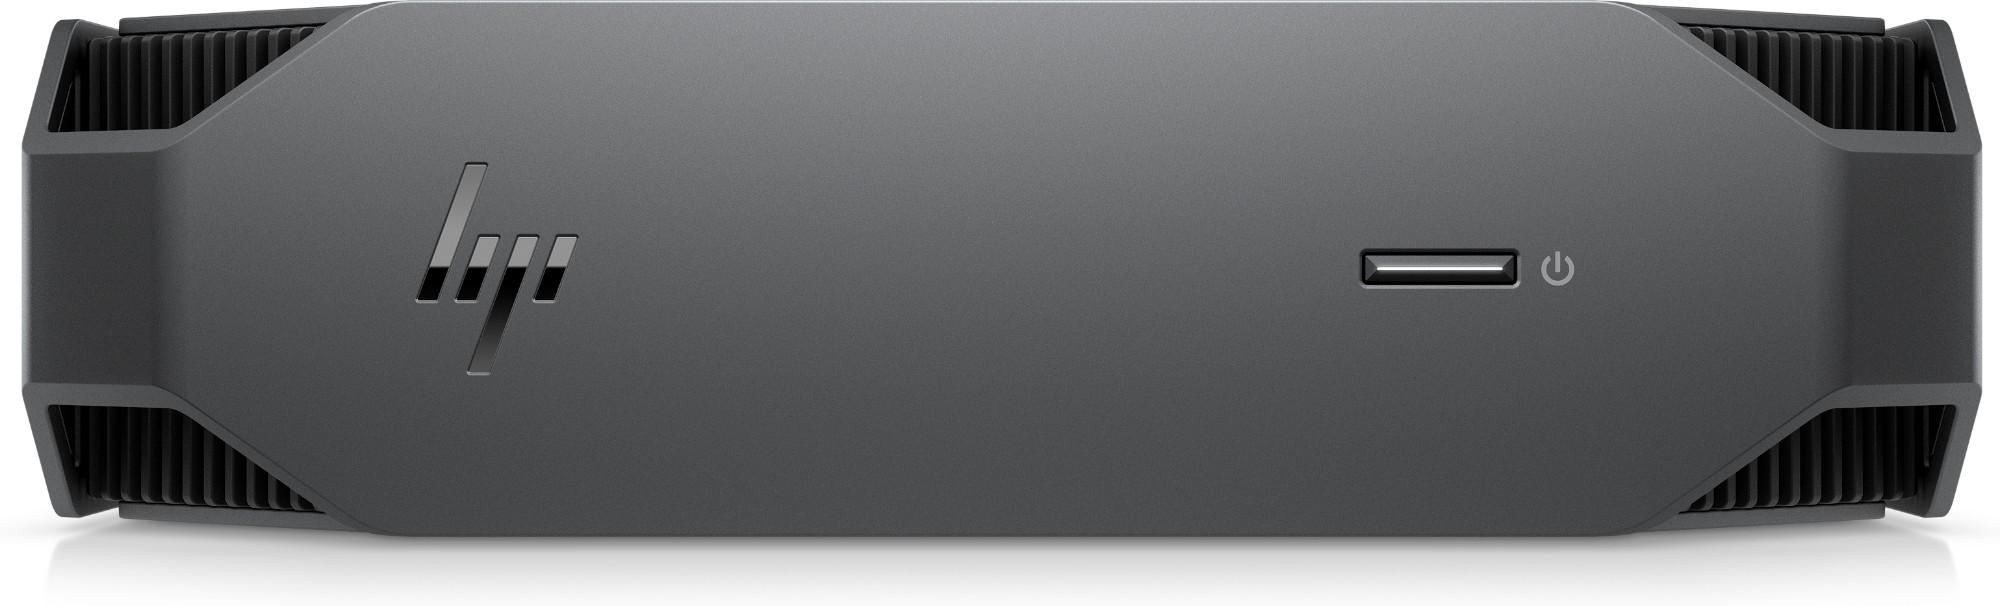 HP Z2 Mini G5 DDR4-SDRAM i7-10700 mini PC 10th gen Intel-� Core��� i7 16 GB 256 GB SSD Windows 10 Pro Workstation Black, Grey